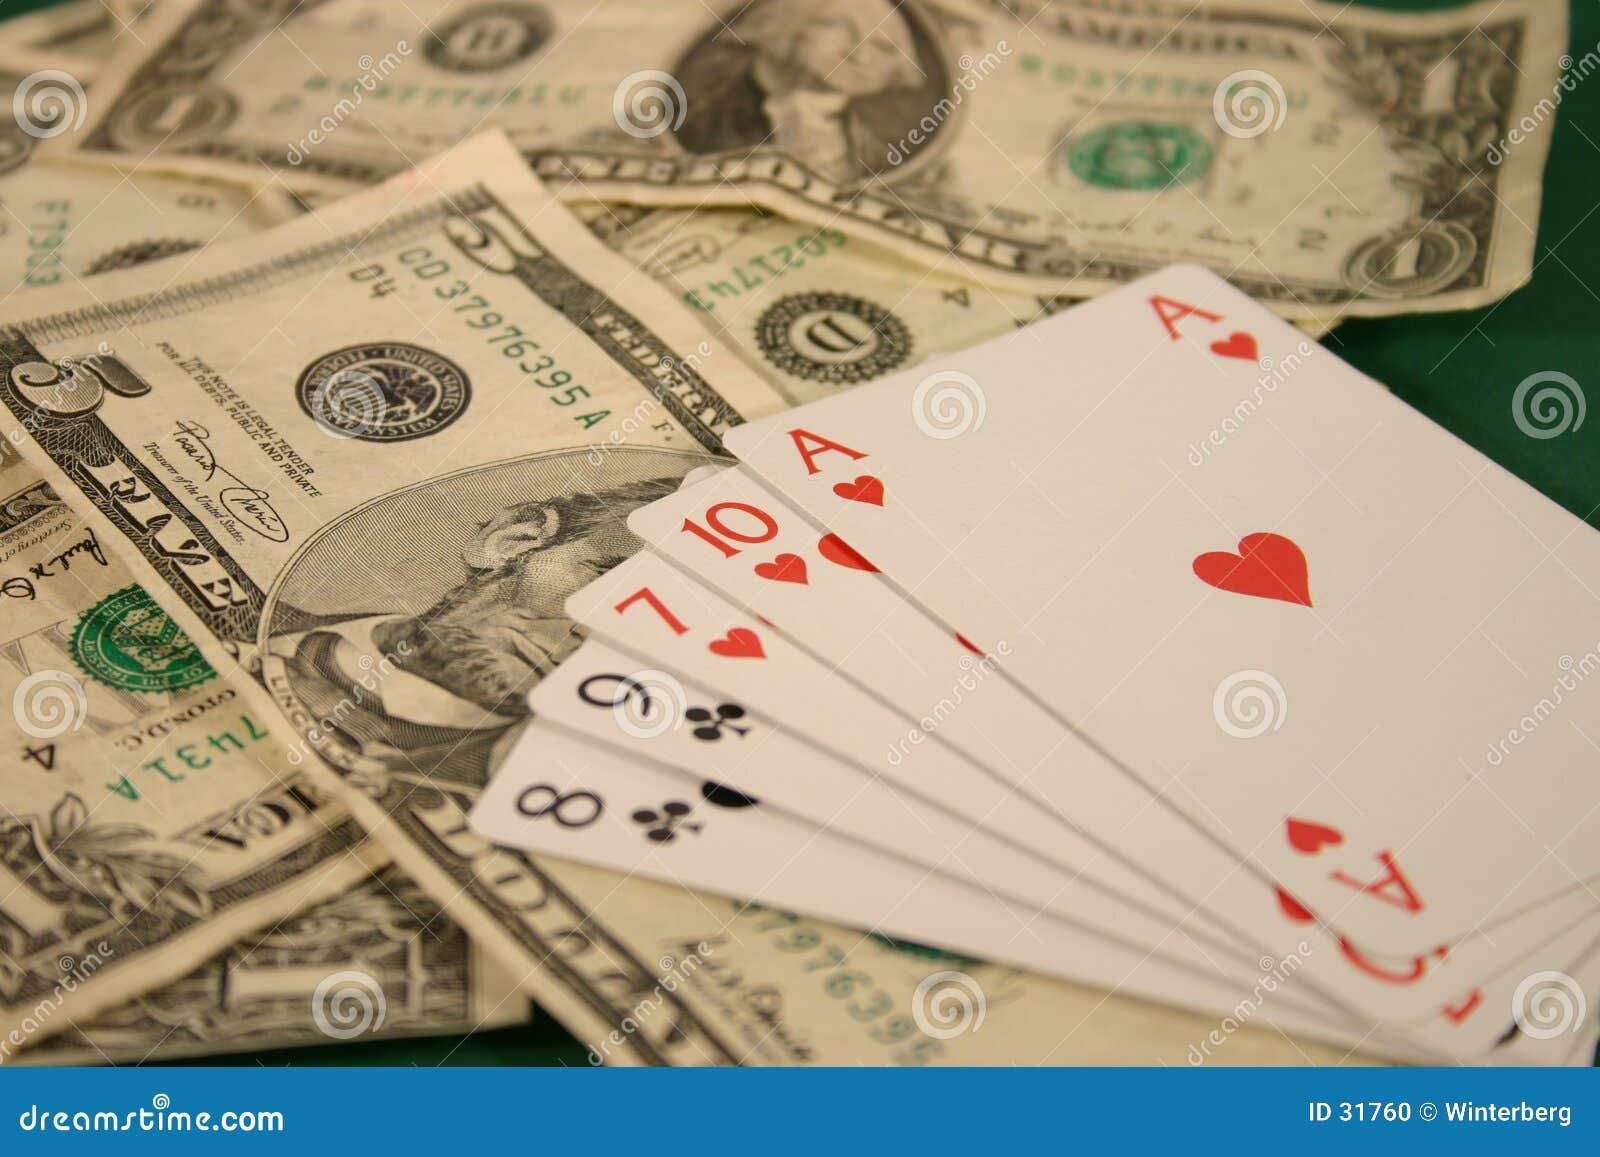 Cards pengar